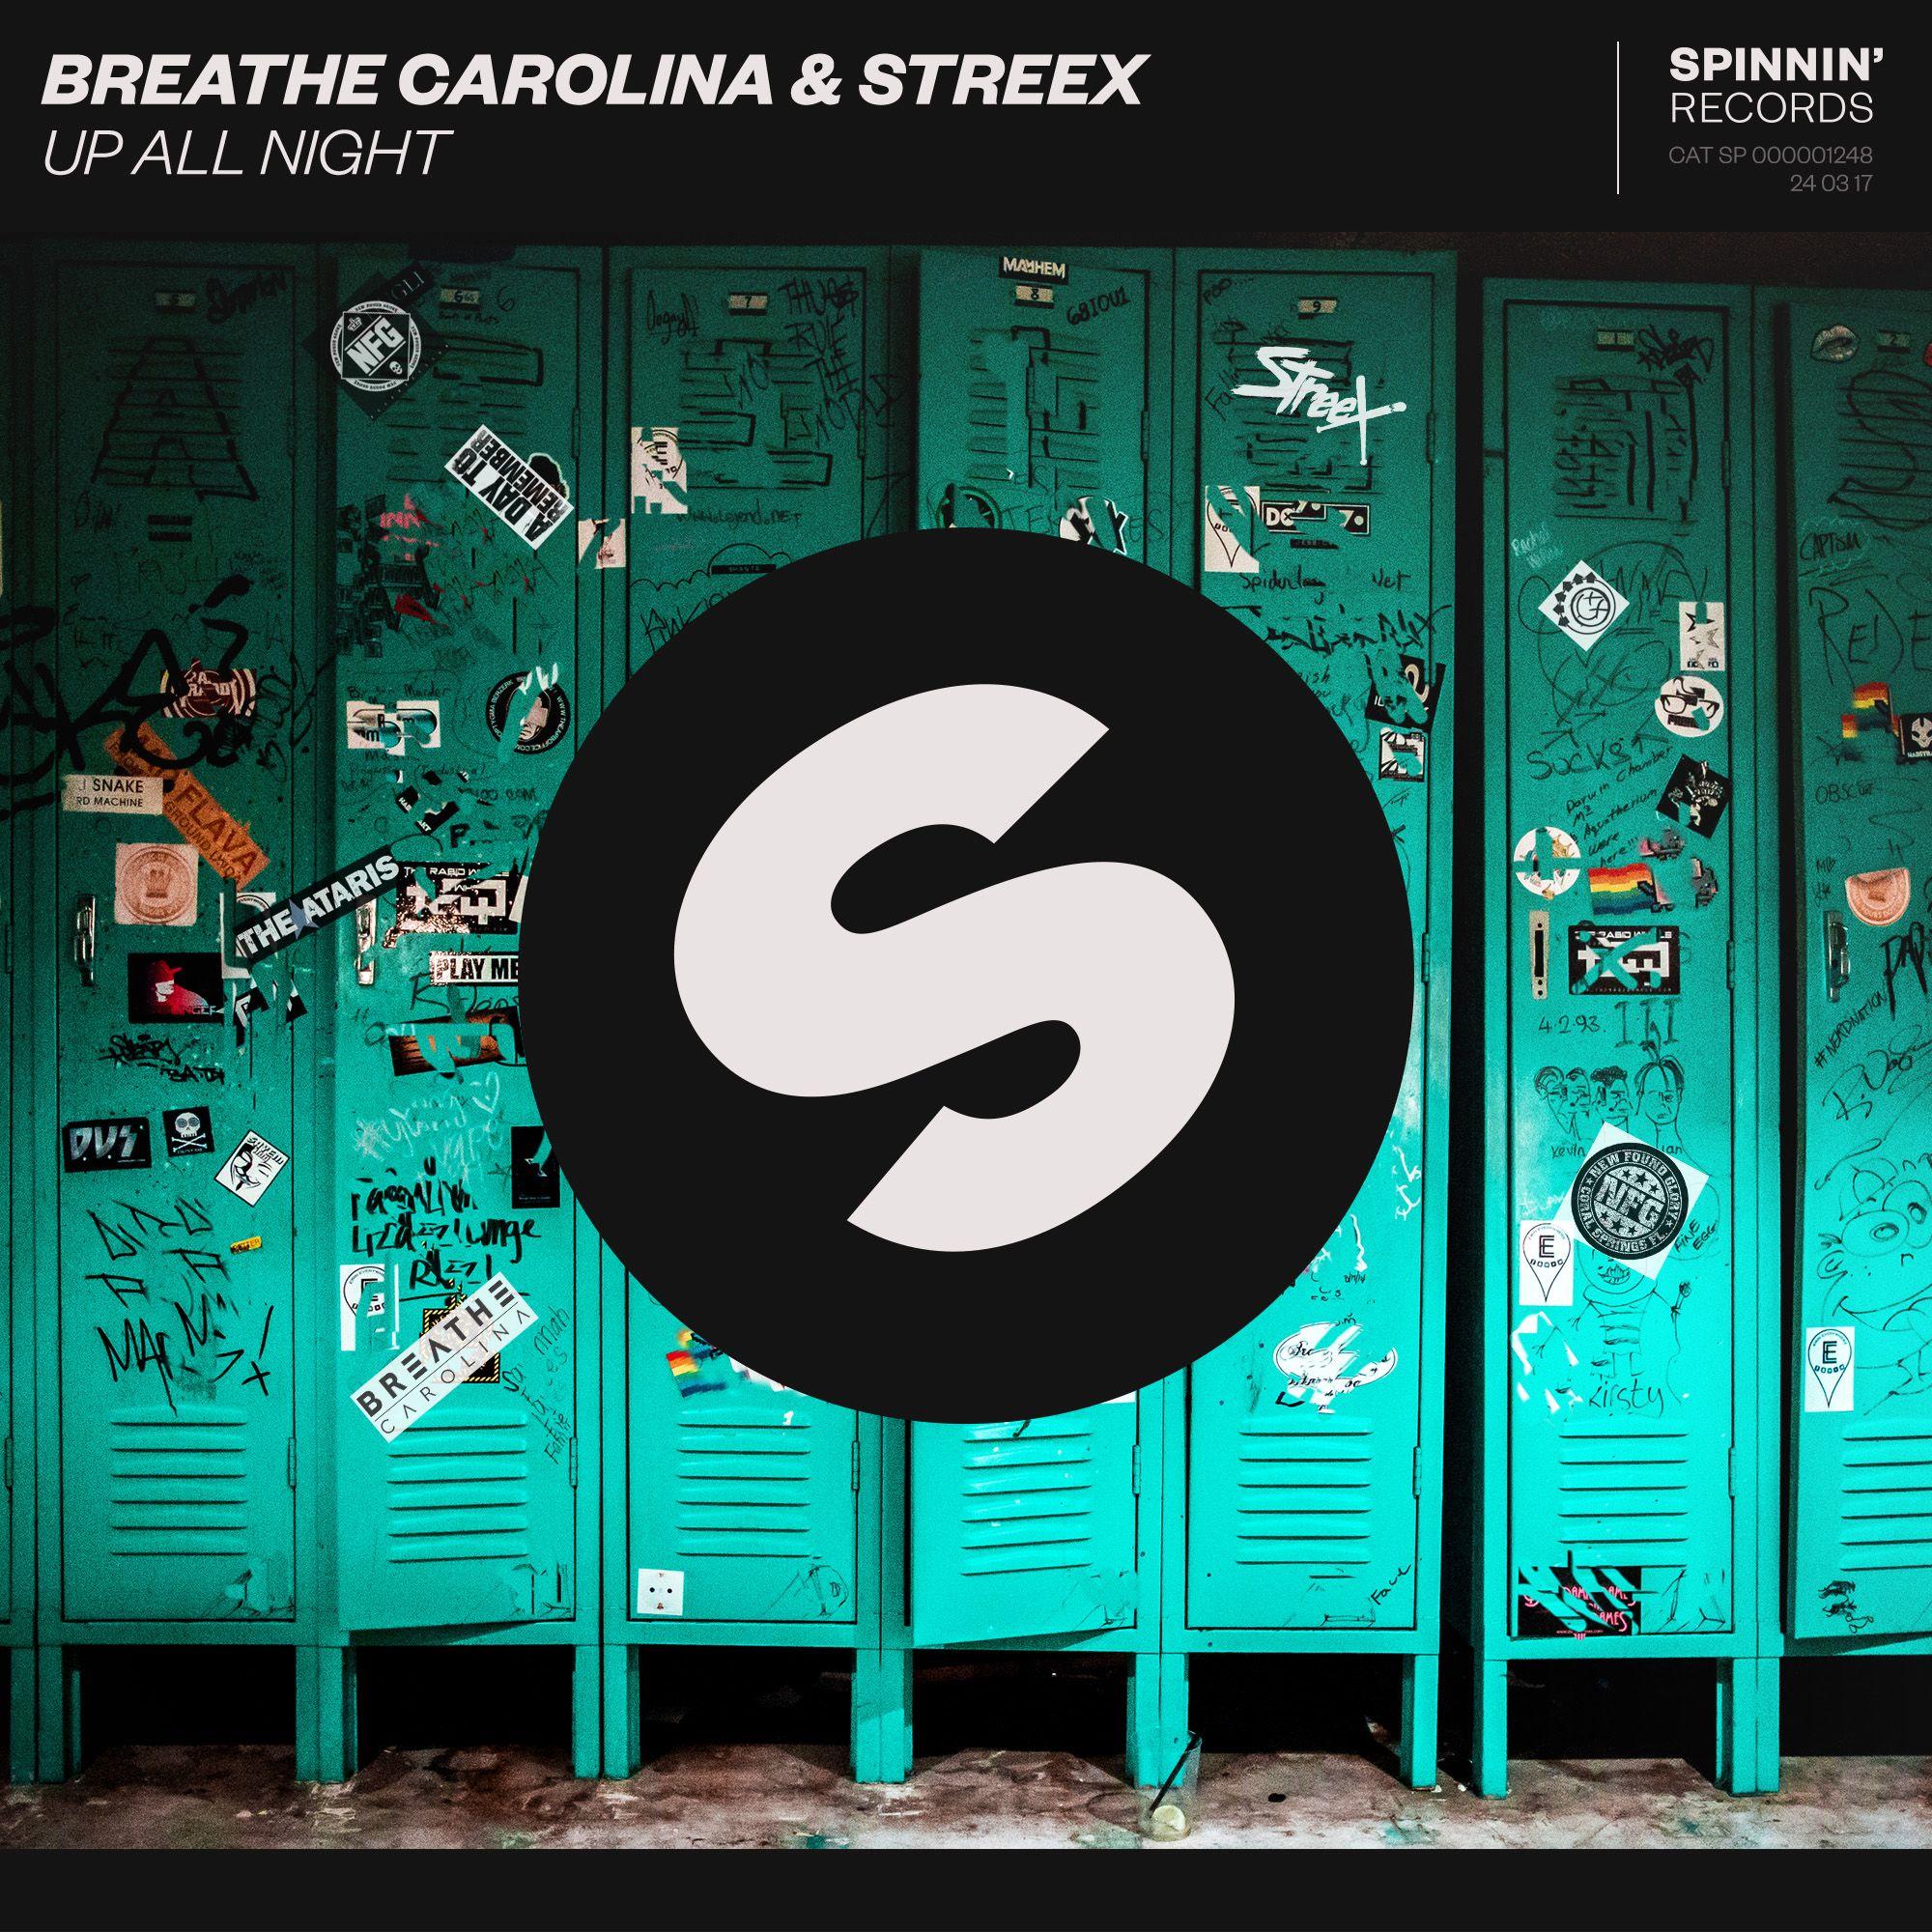 breathecarolinastreex-upallnight.jpg